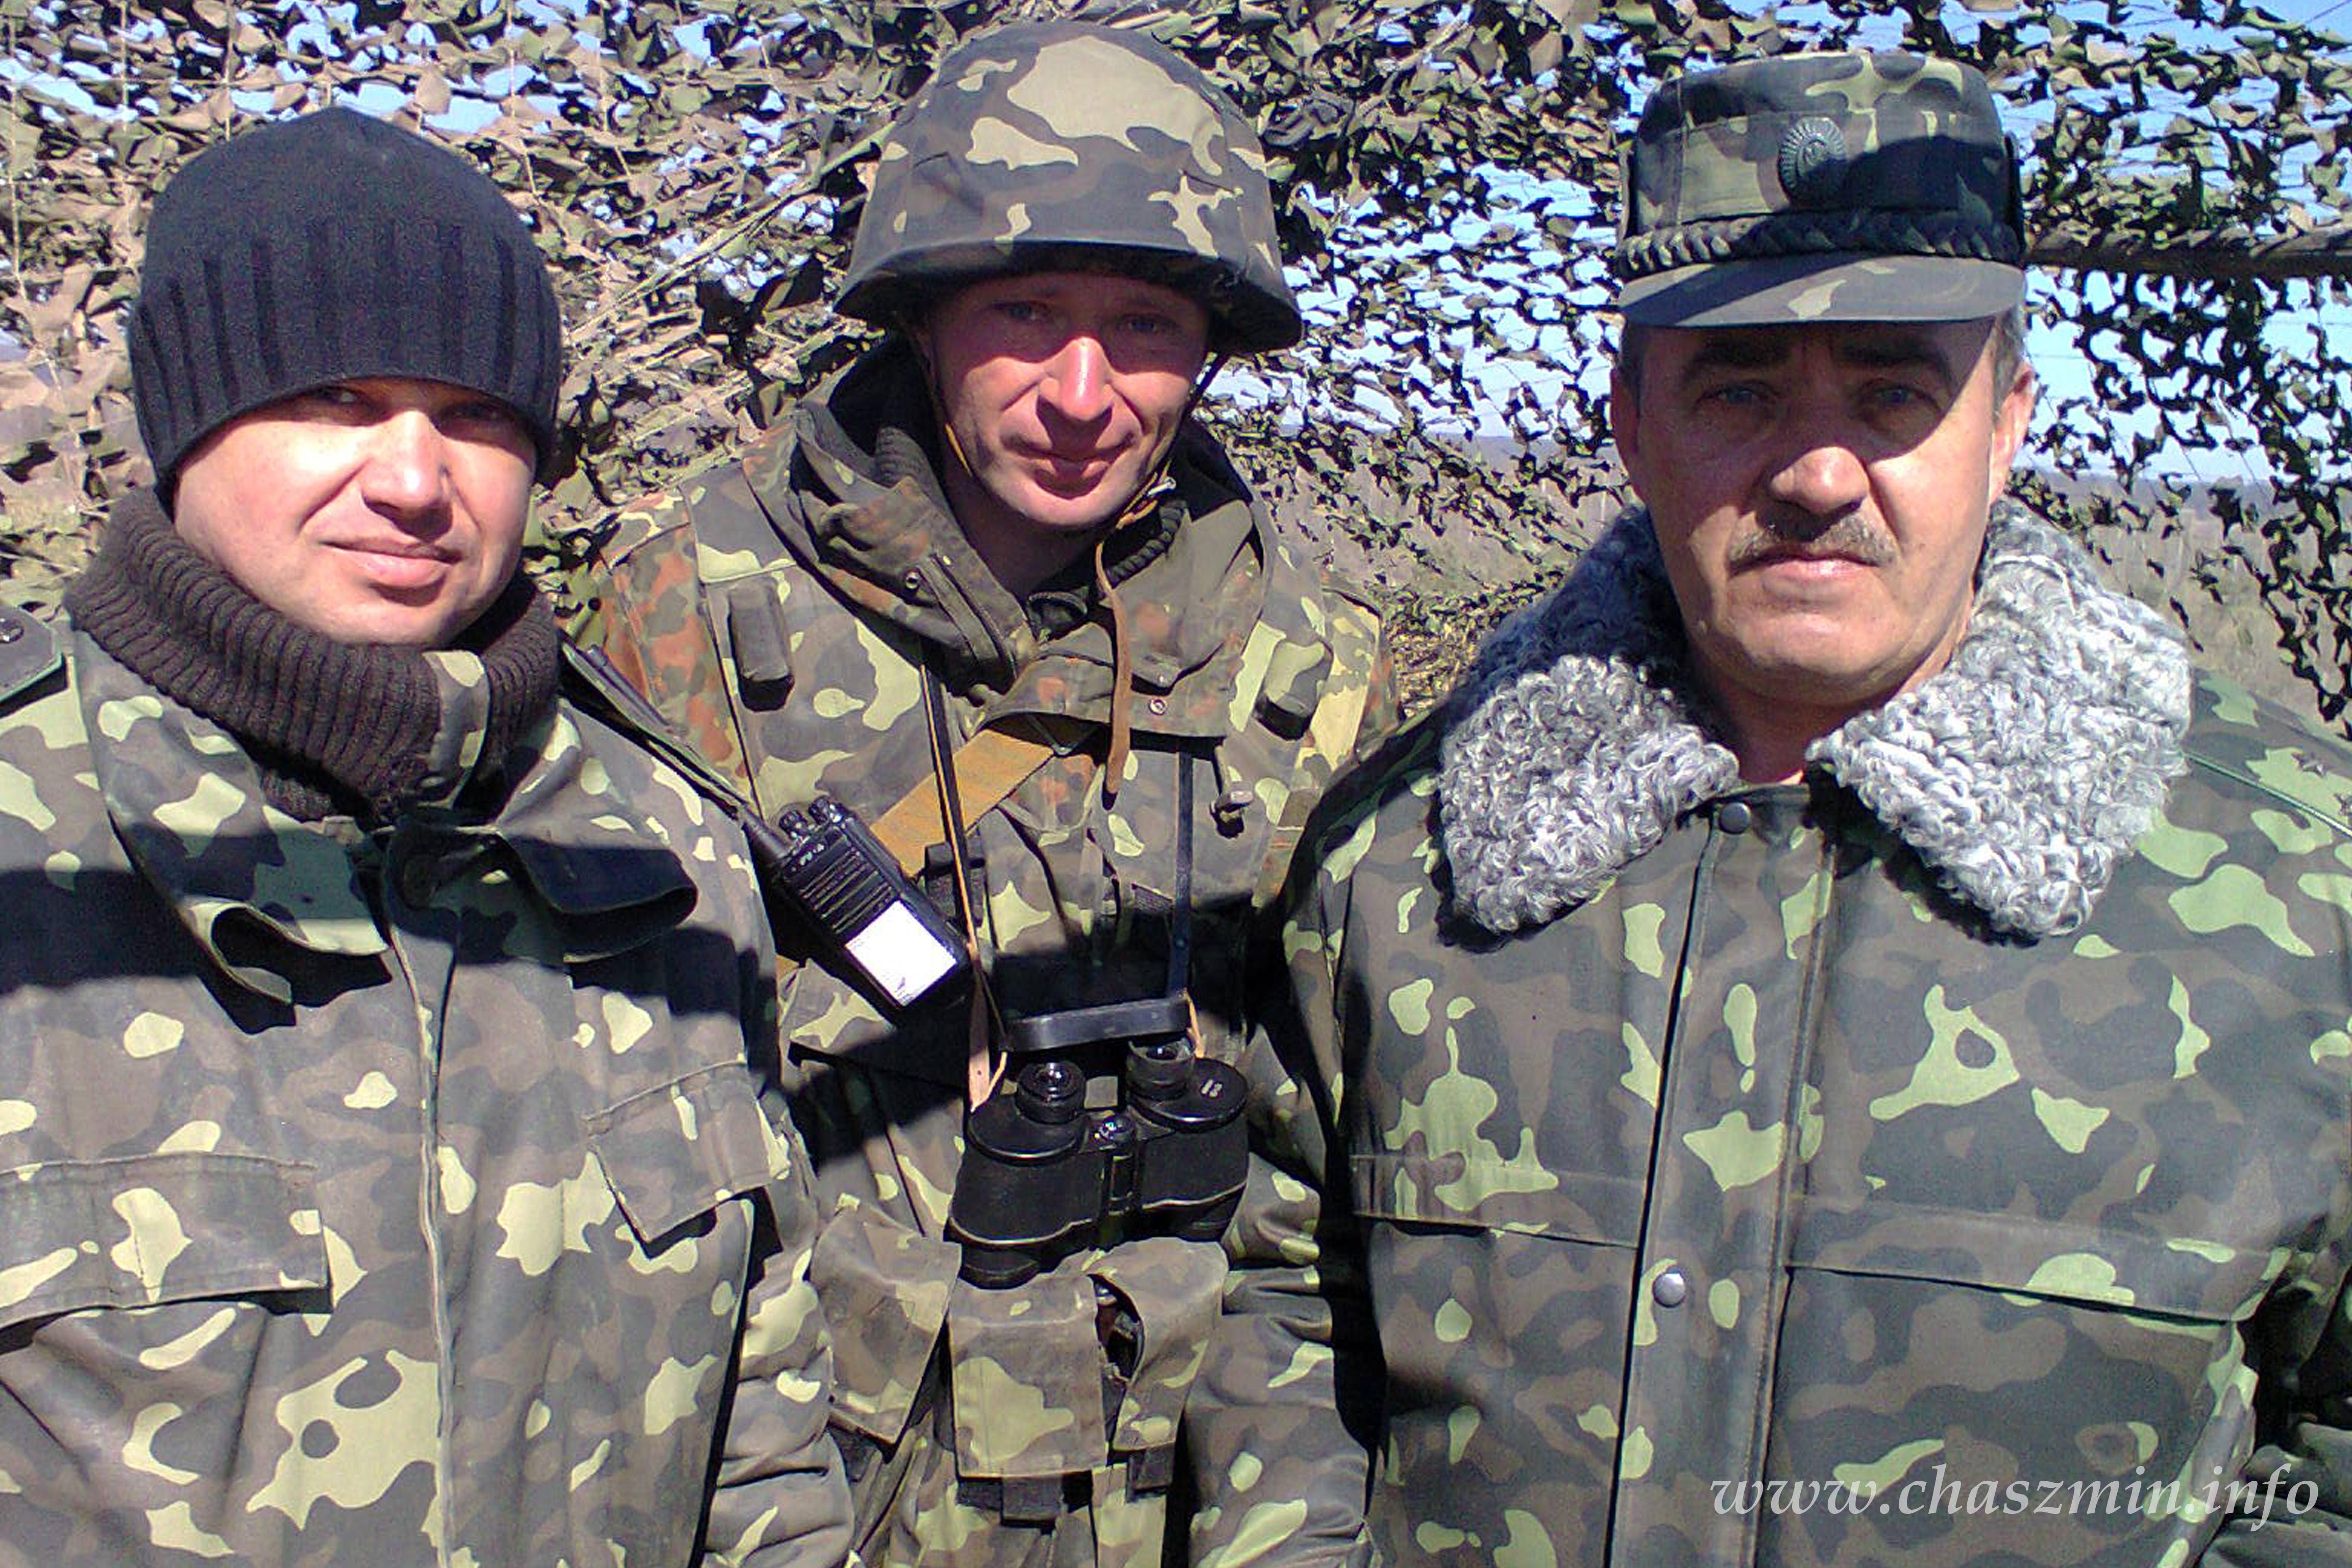 З ліва направо: Сергій Лисенко, Михайло Драпатий та Андрій Грищенко